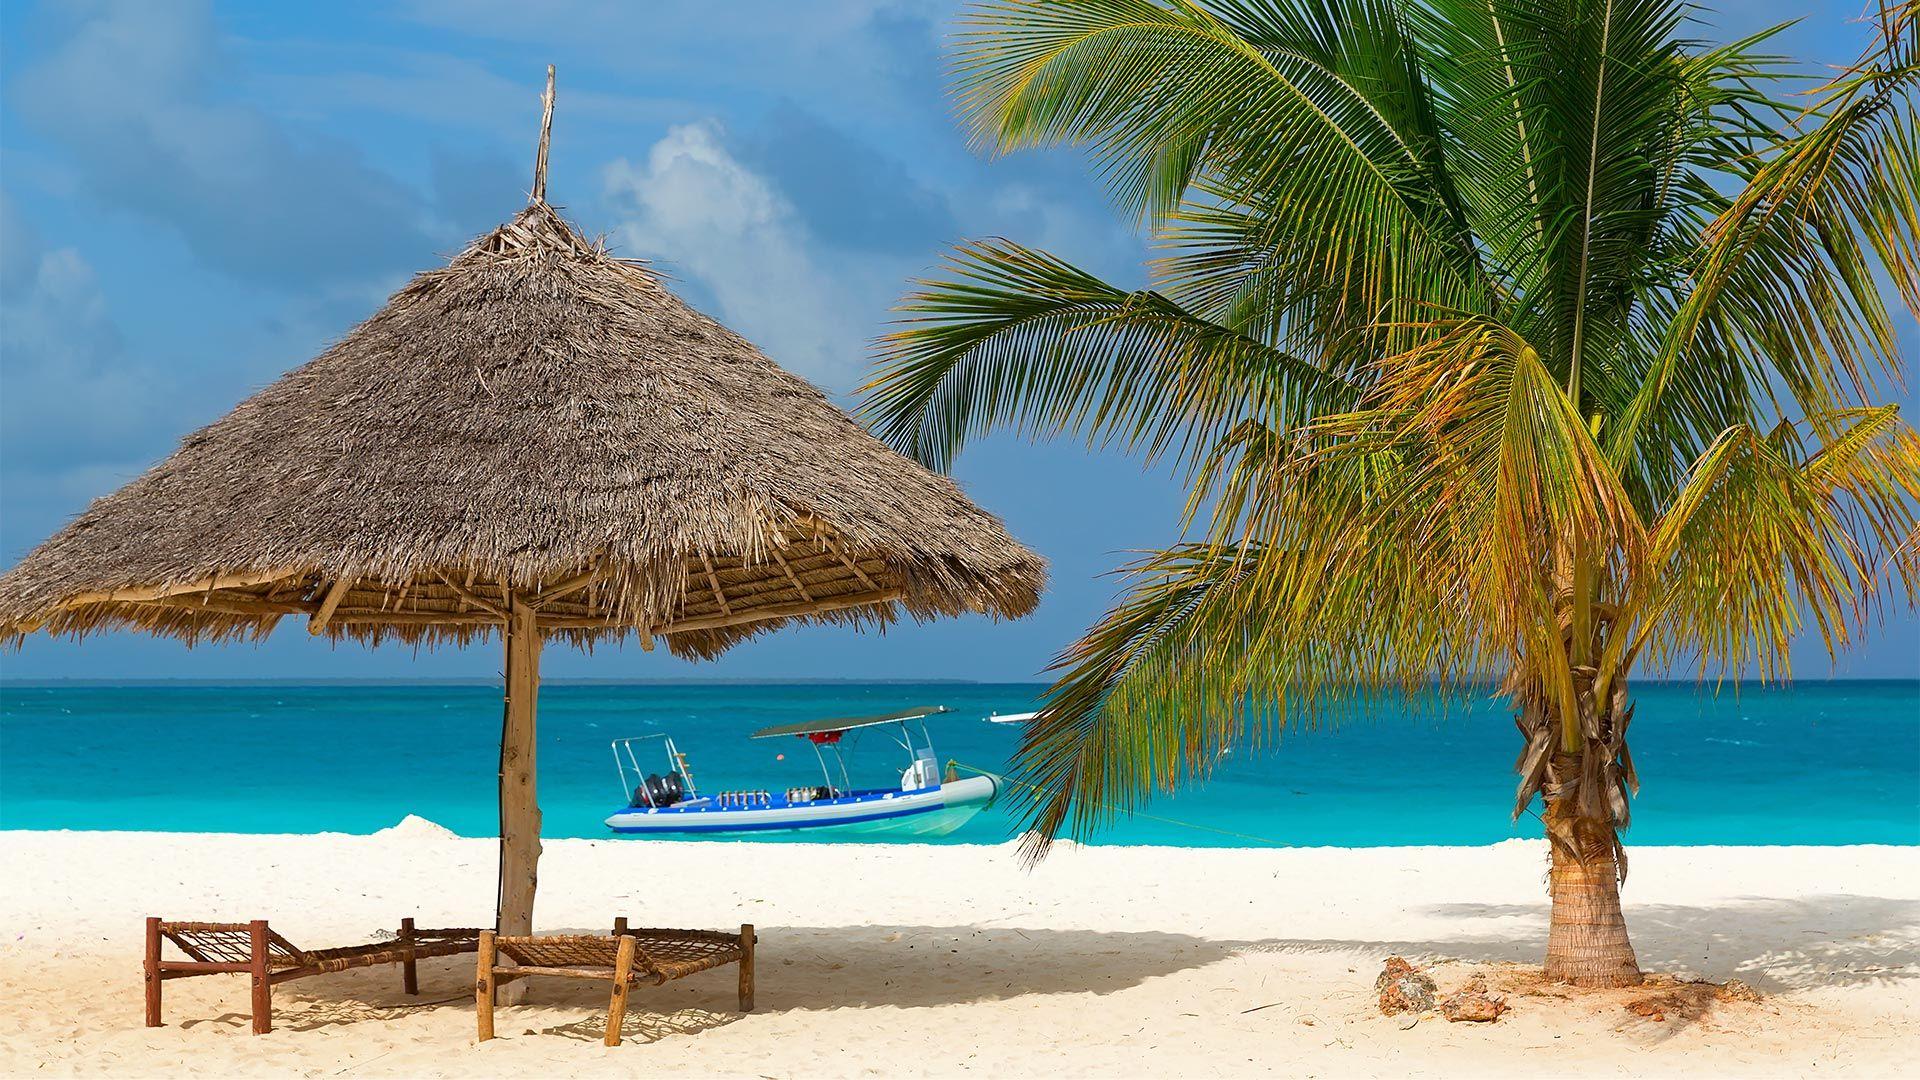 Sejur plaja Zanzibar, Tanzania - August 2021